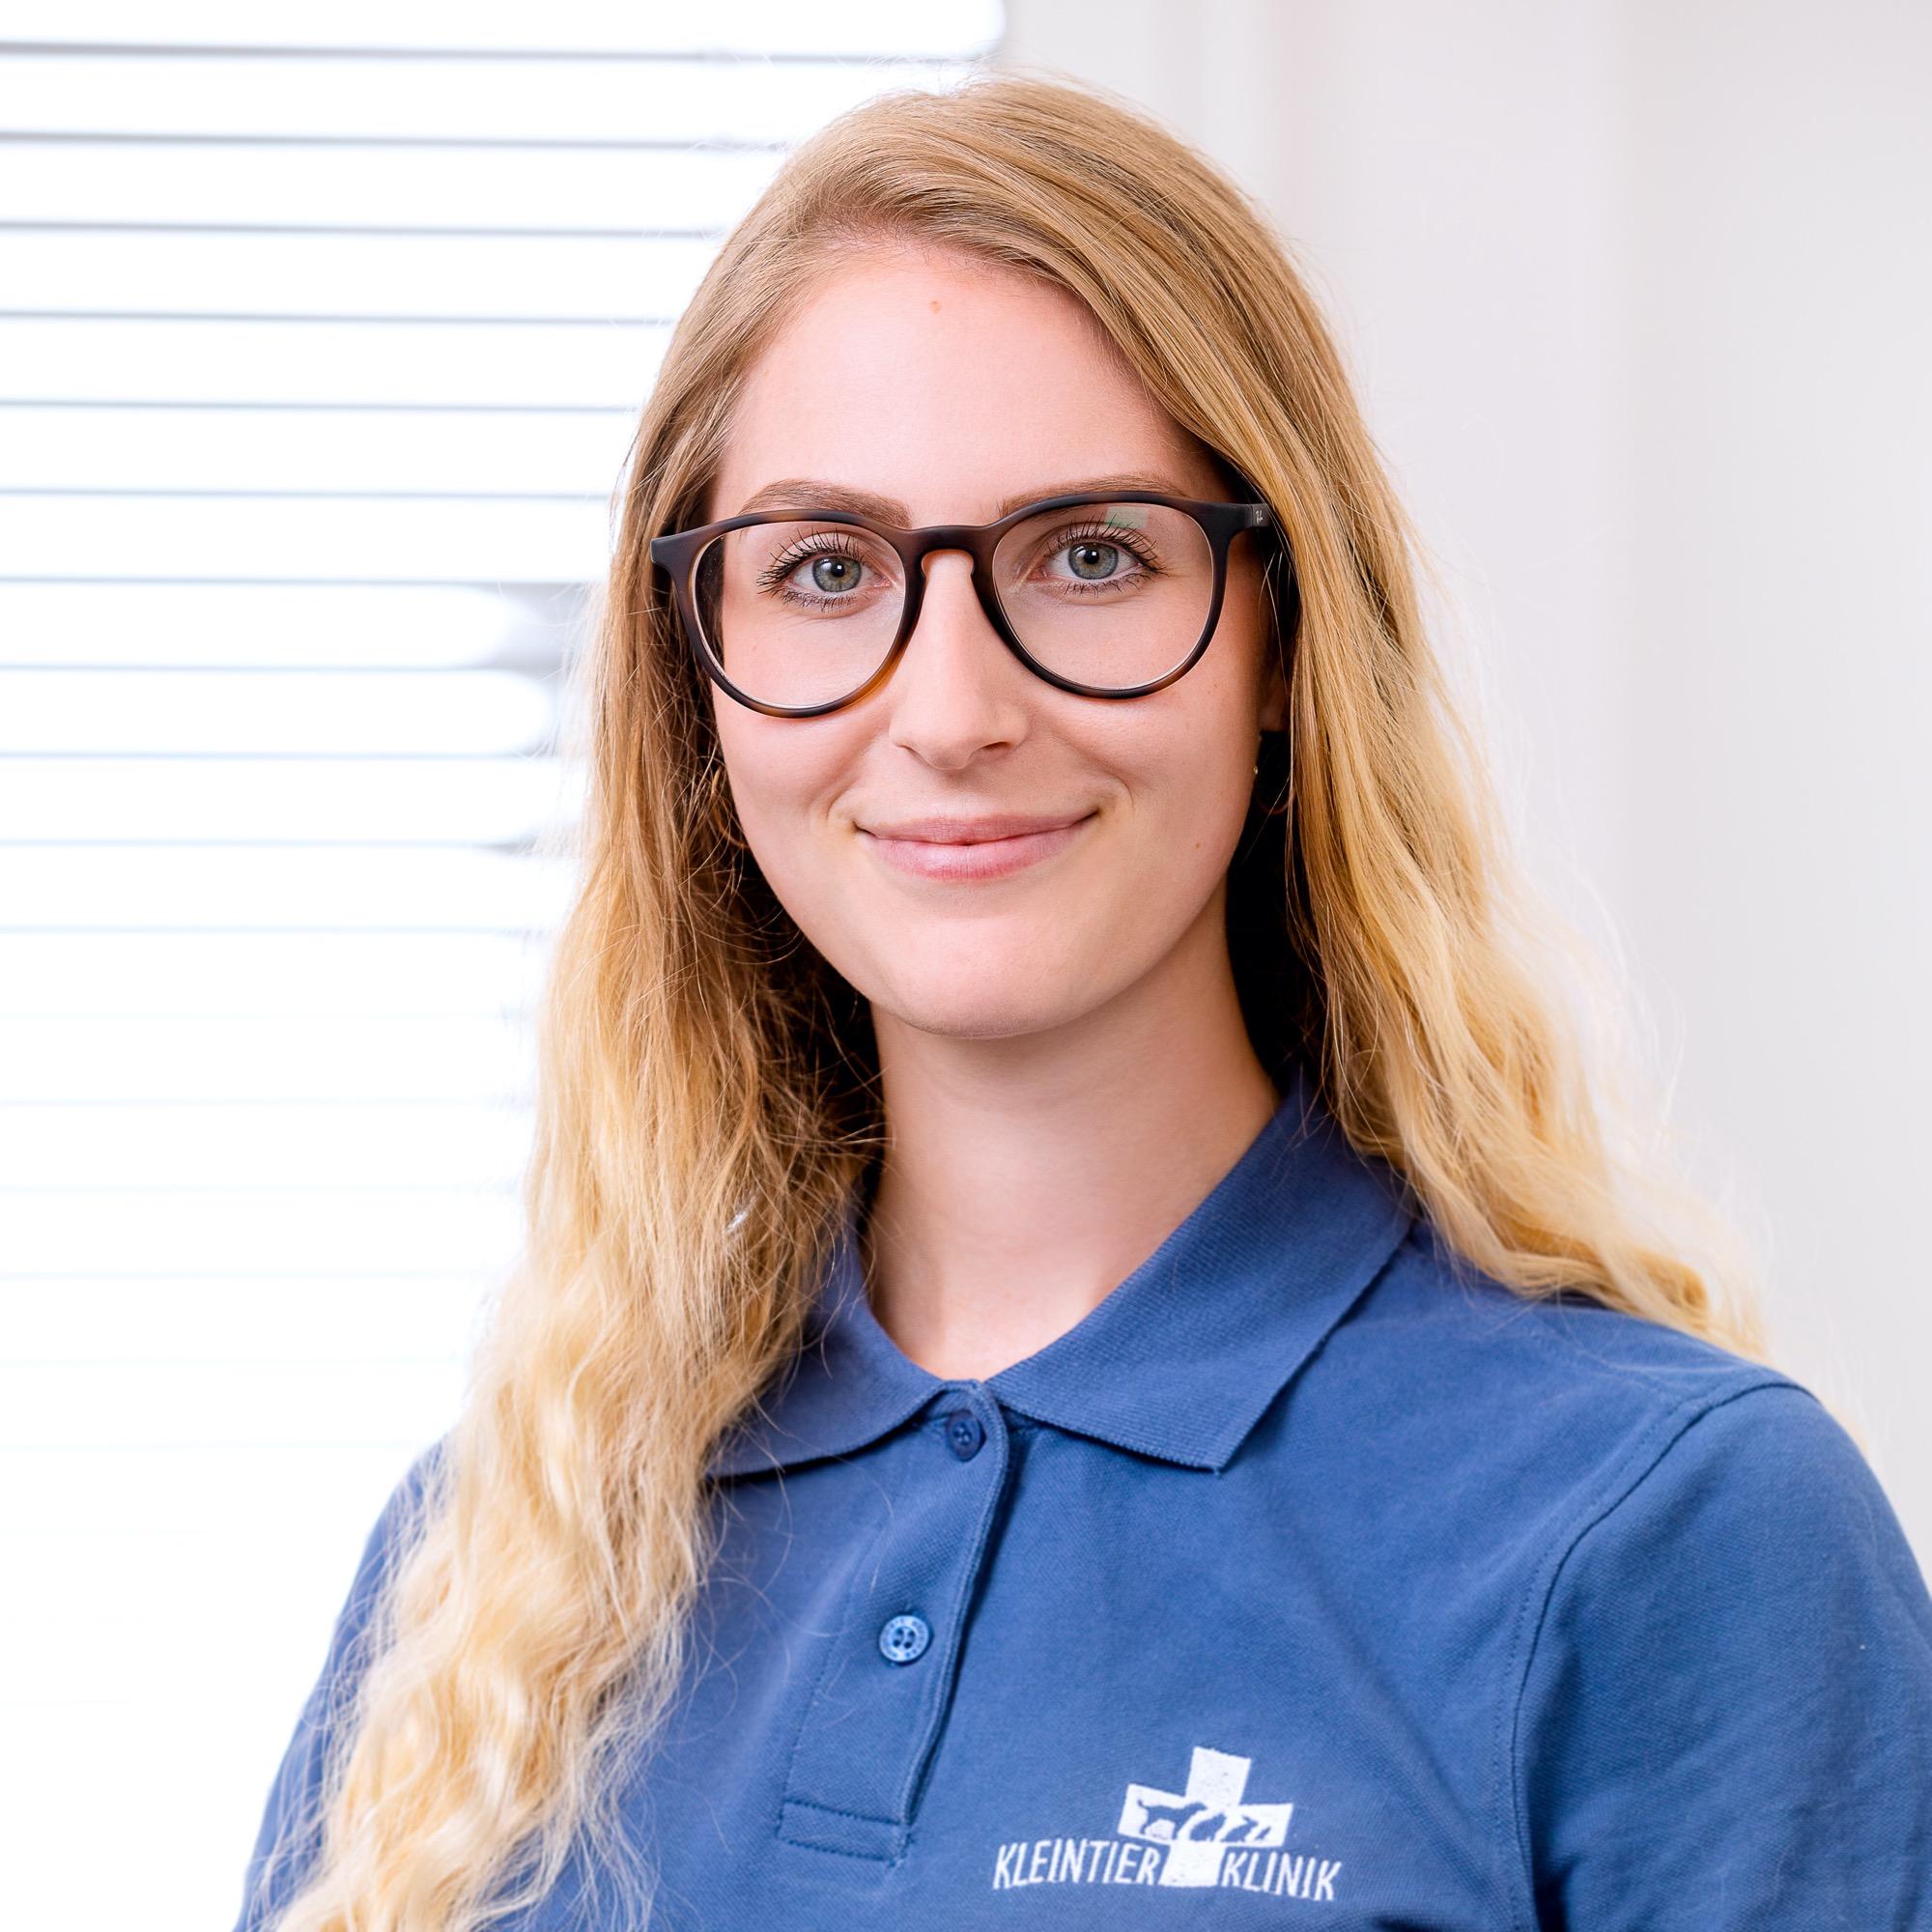 Mitarbeiter Saskia Schell tierklinik 5685 b